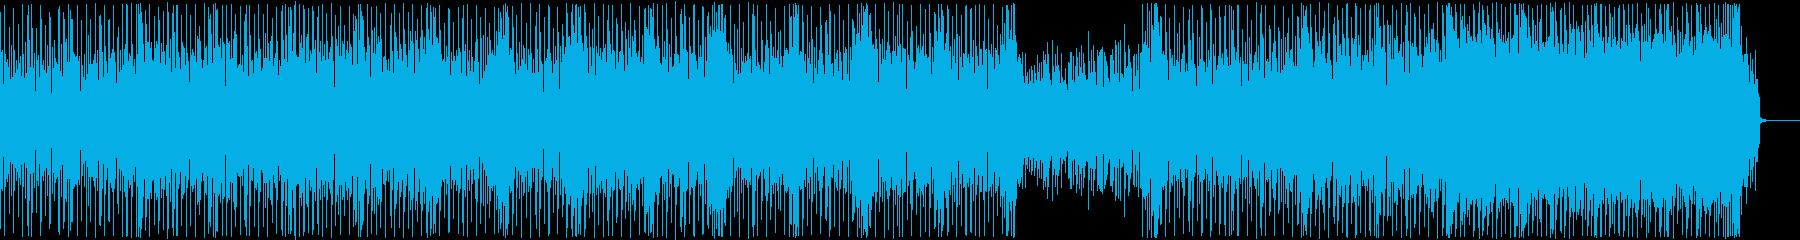 ファンク、ディスコ、軽快、ノリがいいの再生済みの波形